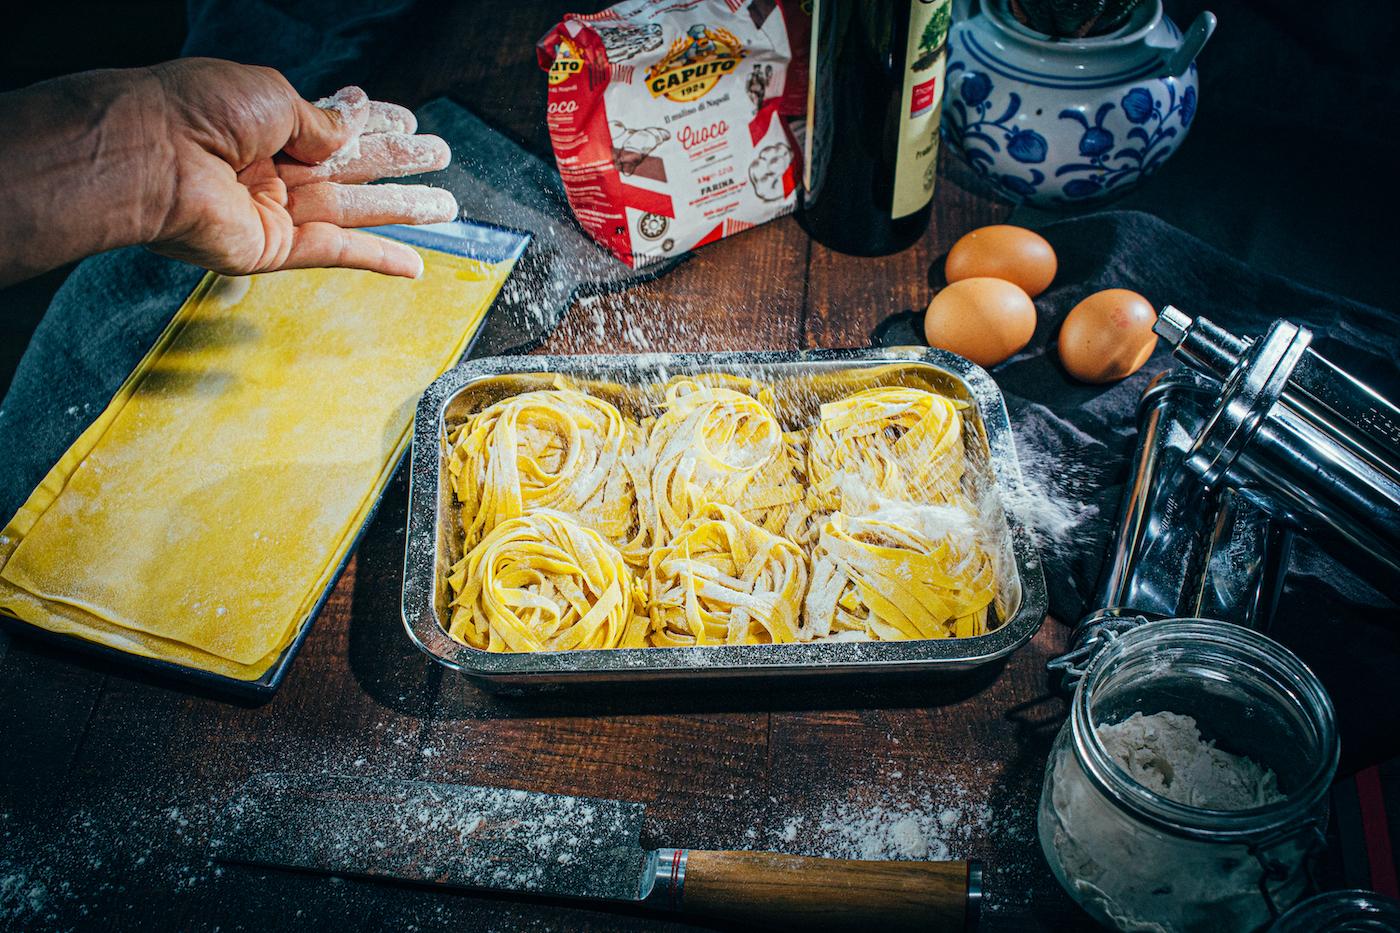 La Recette De Pâtes Fraîches Légères Selon Youcookcuisine